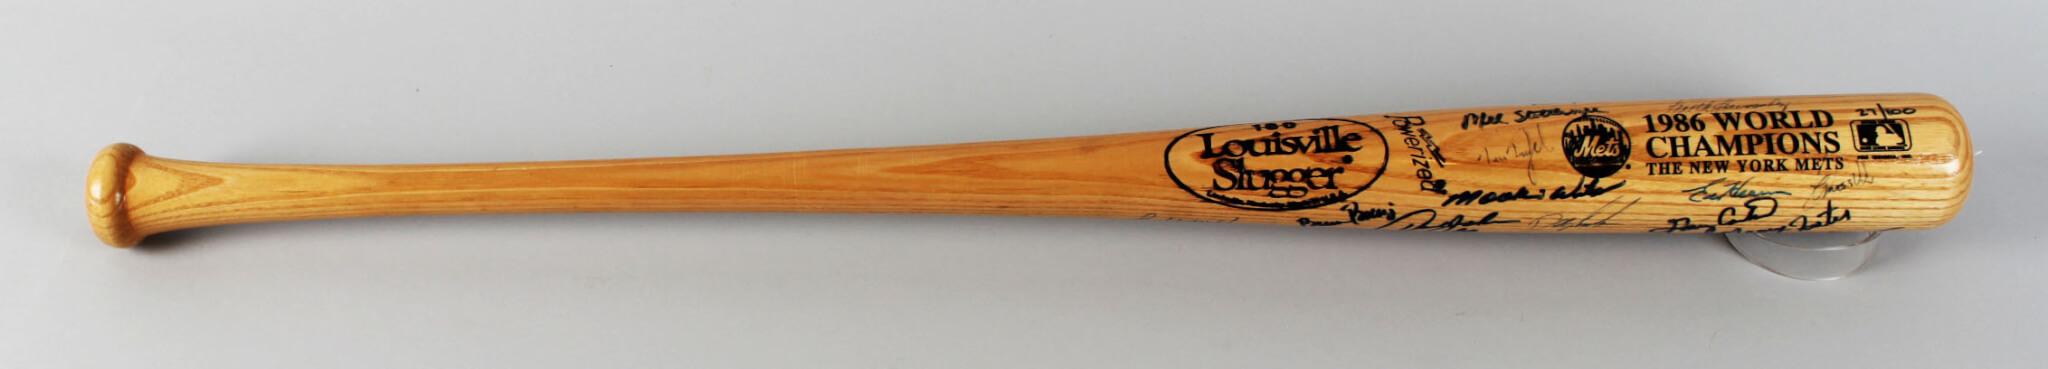 1986 Team-Signed Bat Mets (18) - JSA